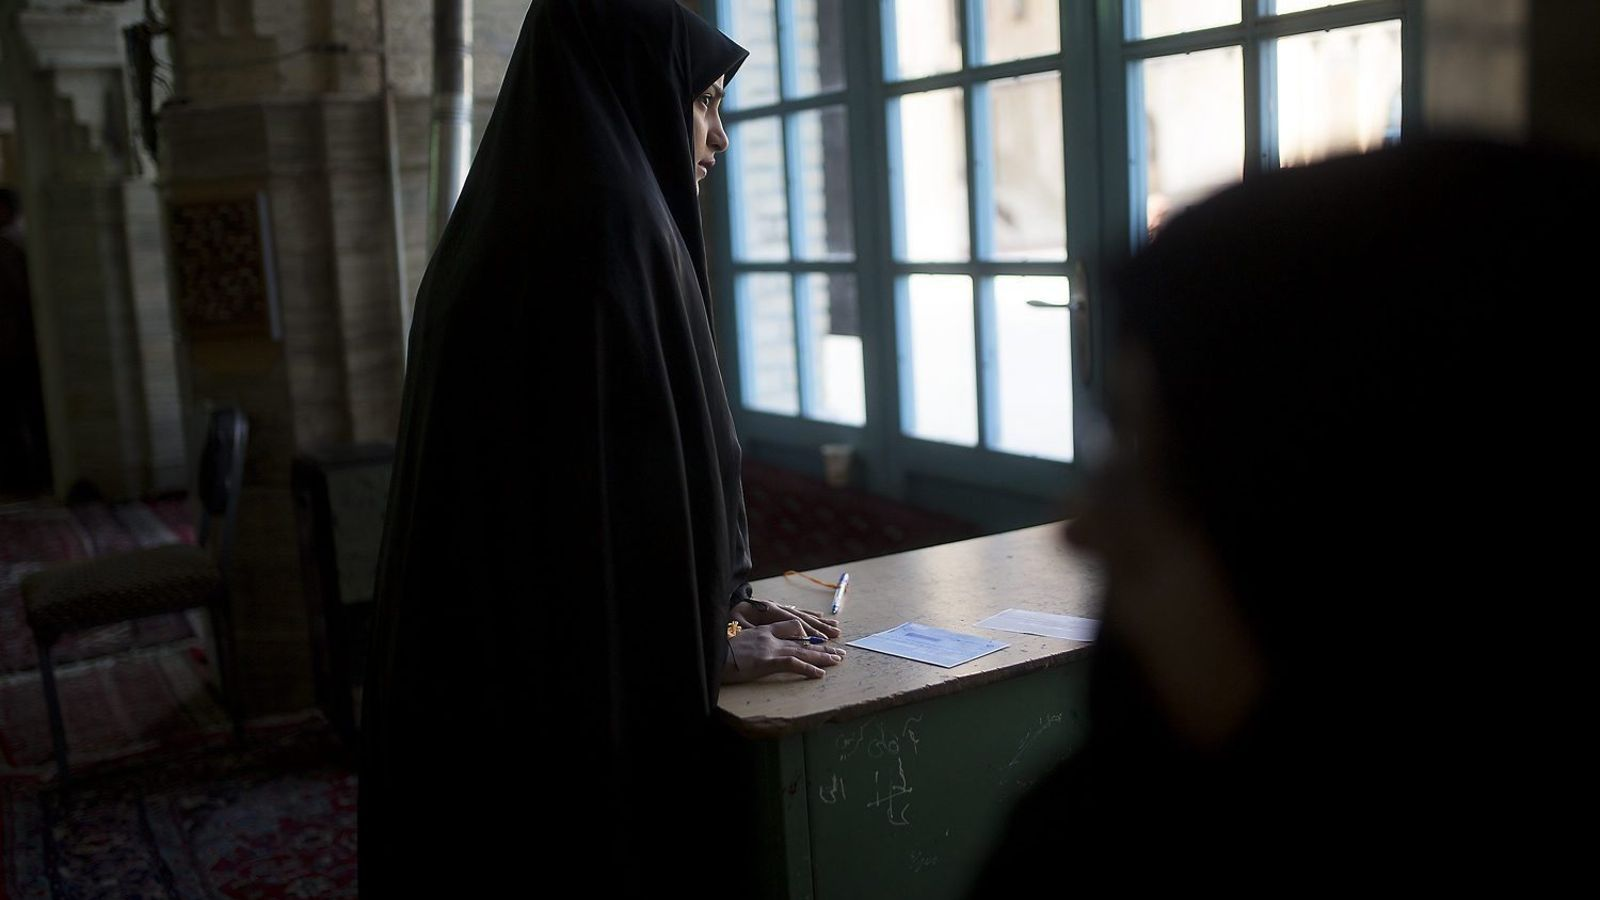 Una nova policia moral reprimirà encara més les dones a l'Iran